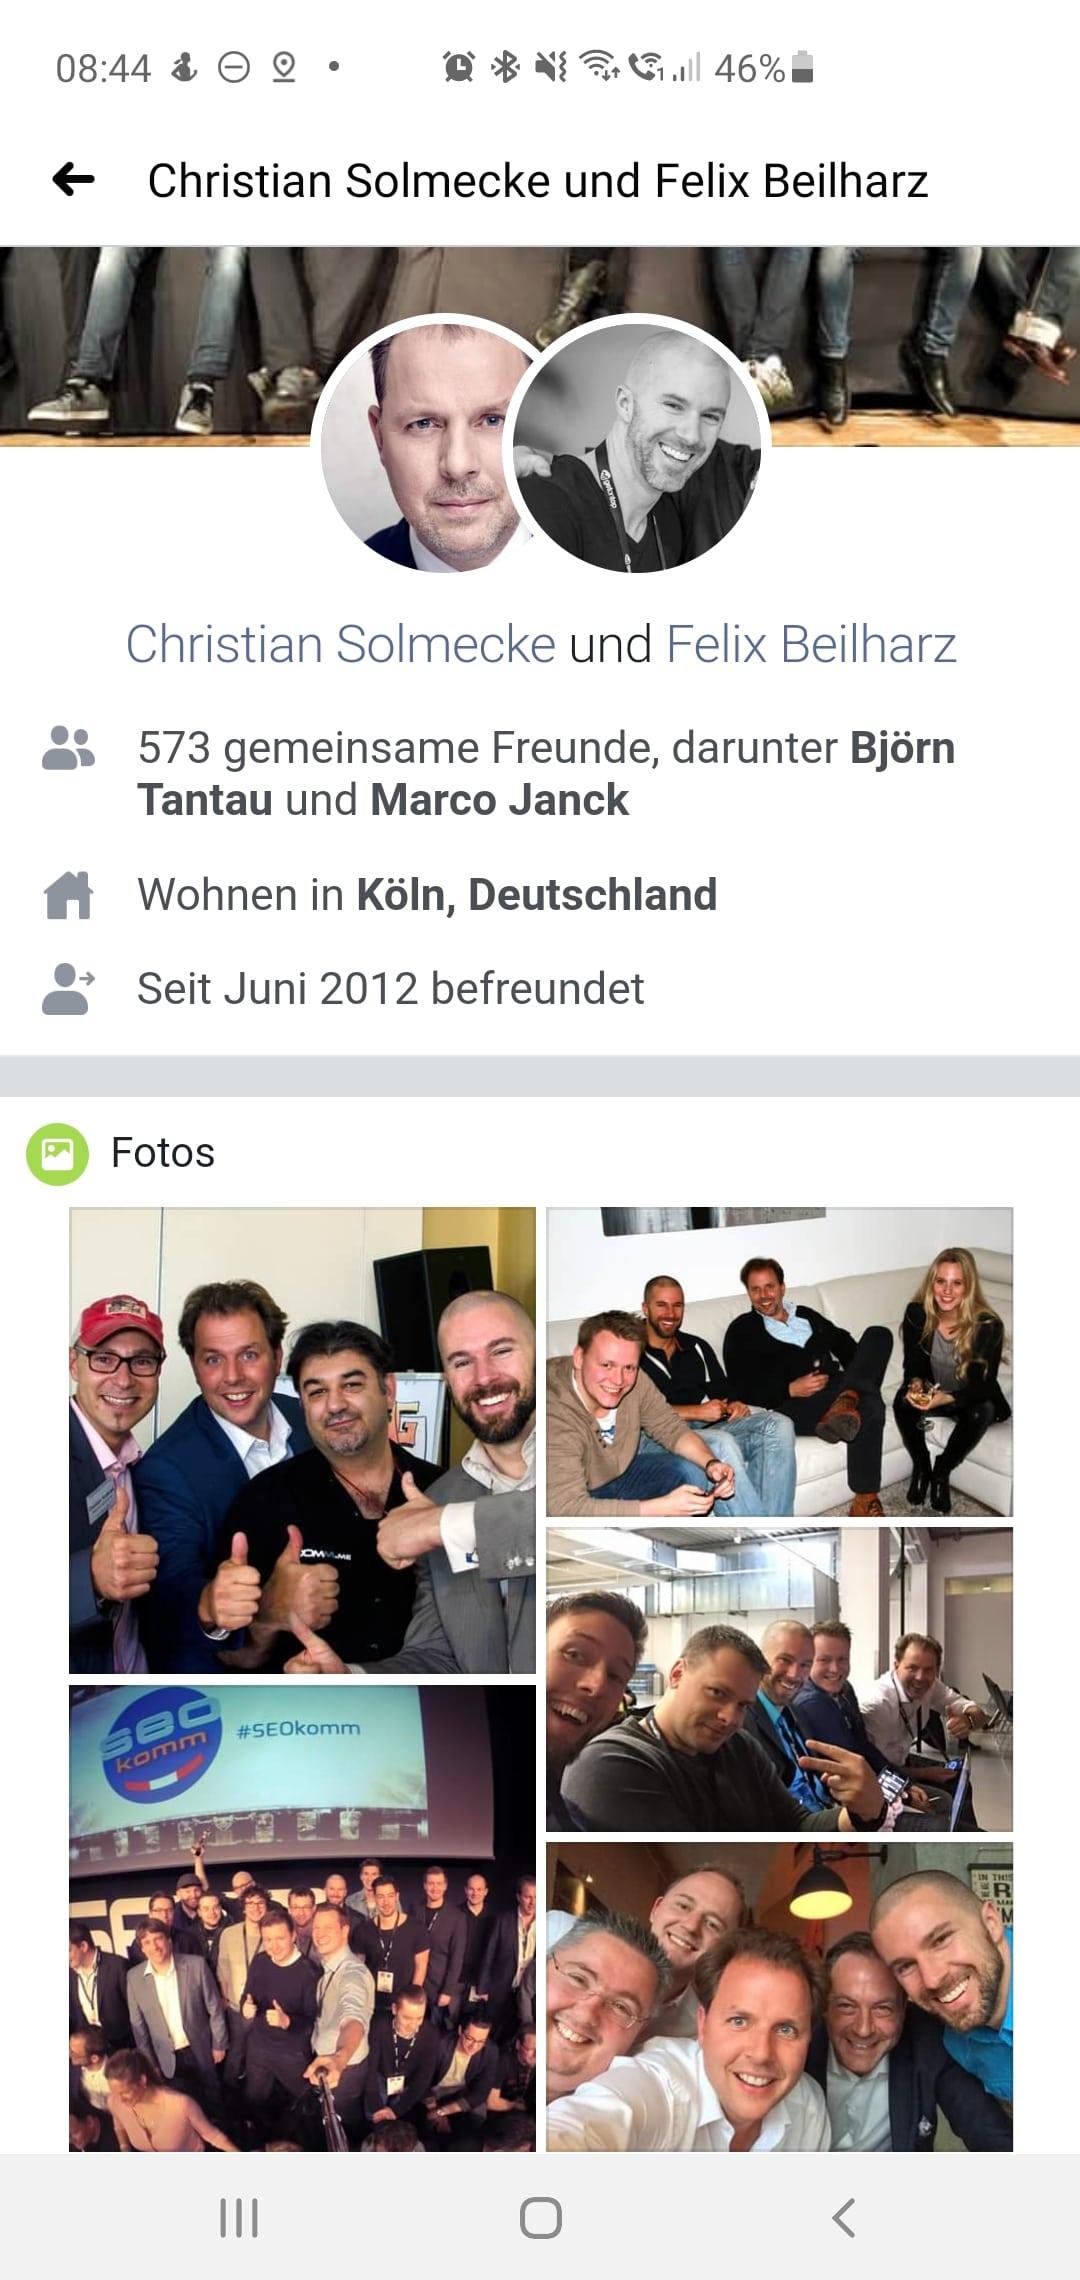 Gemeinsamkeiten zweier Facebook-Profile